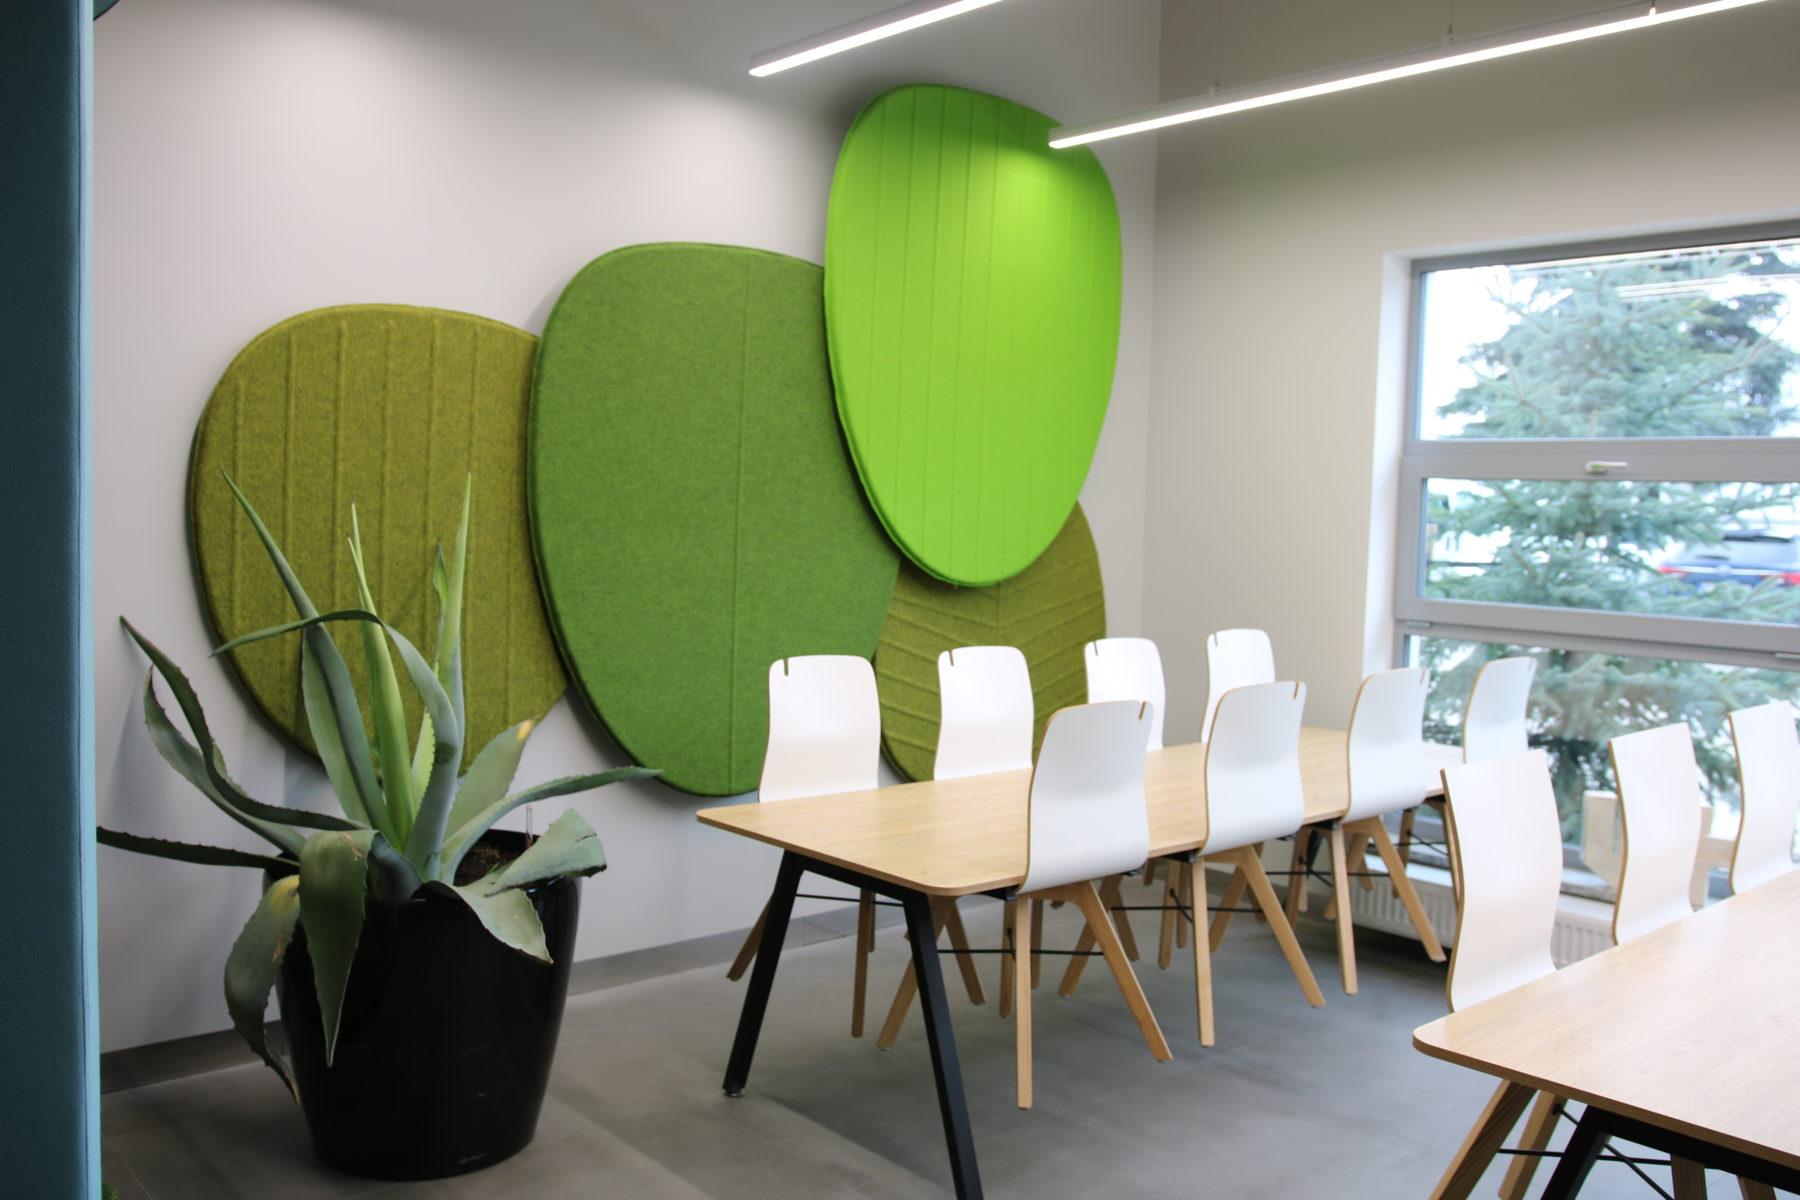 Büromöbel-Experte zu Besuch bei Bejot Büromöbel 4